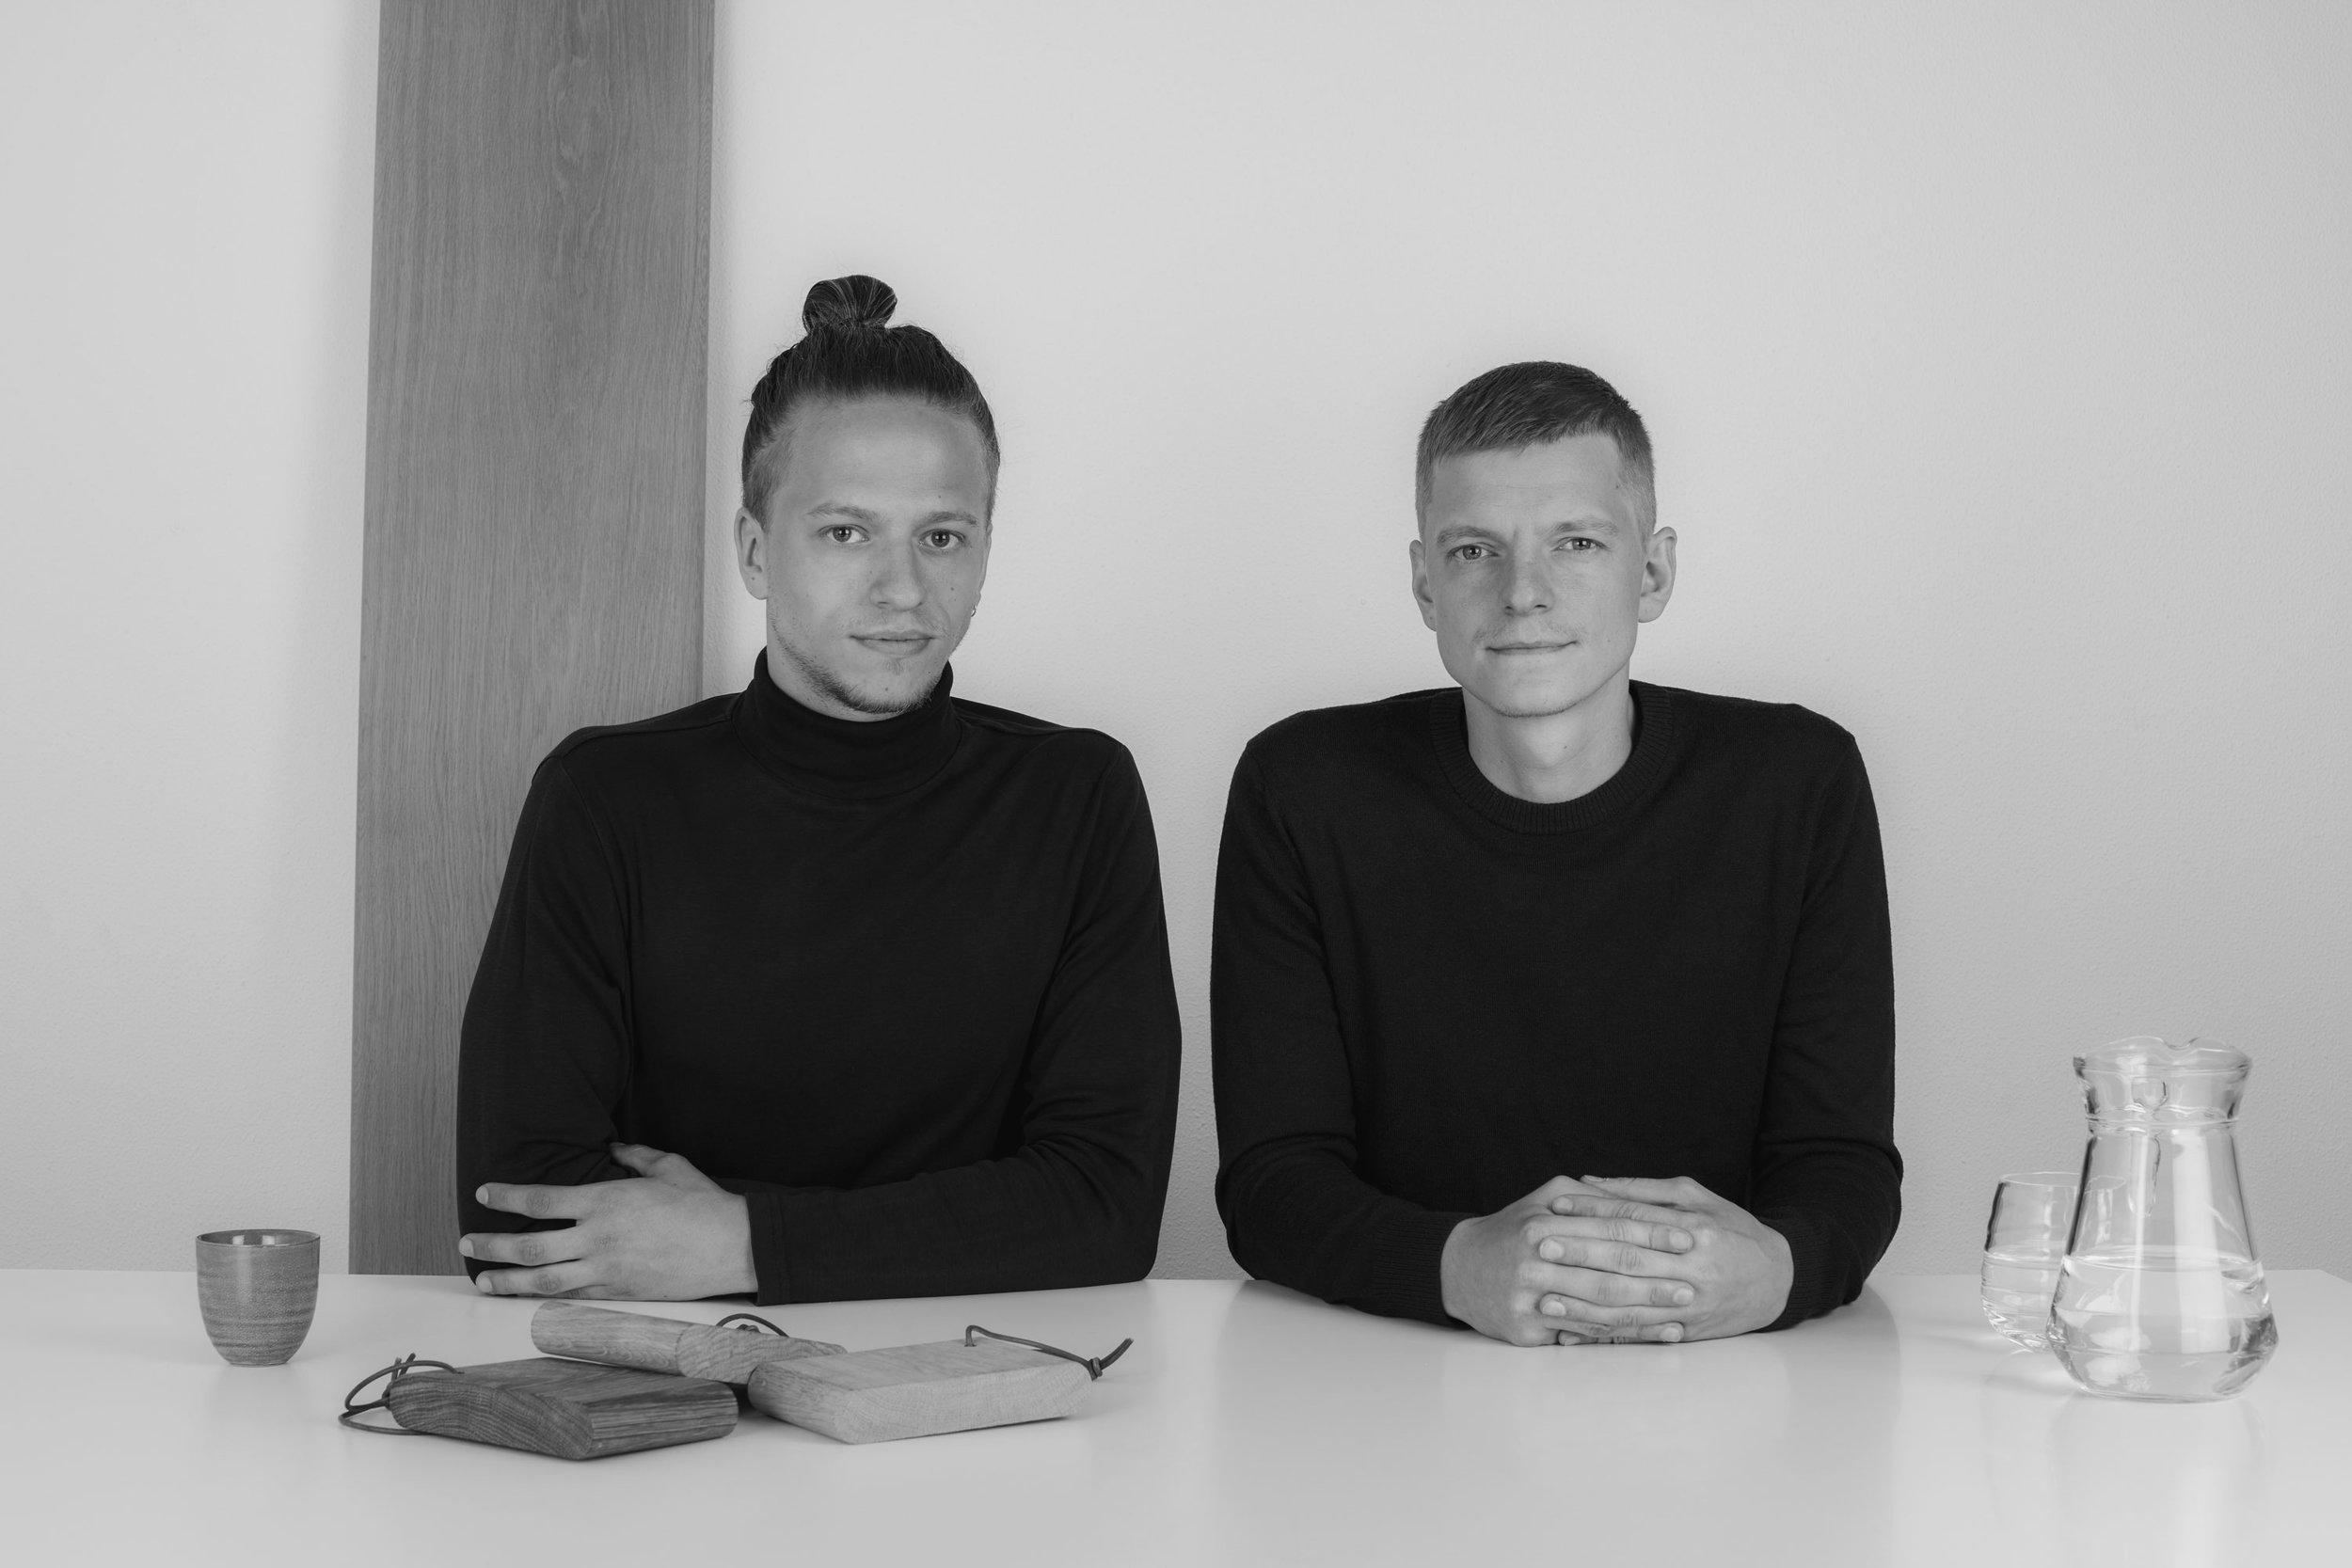 Oliver Brunsø & Alexander Brunsø